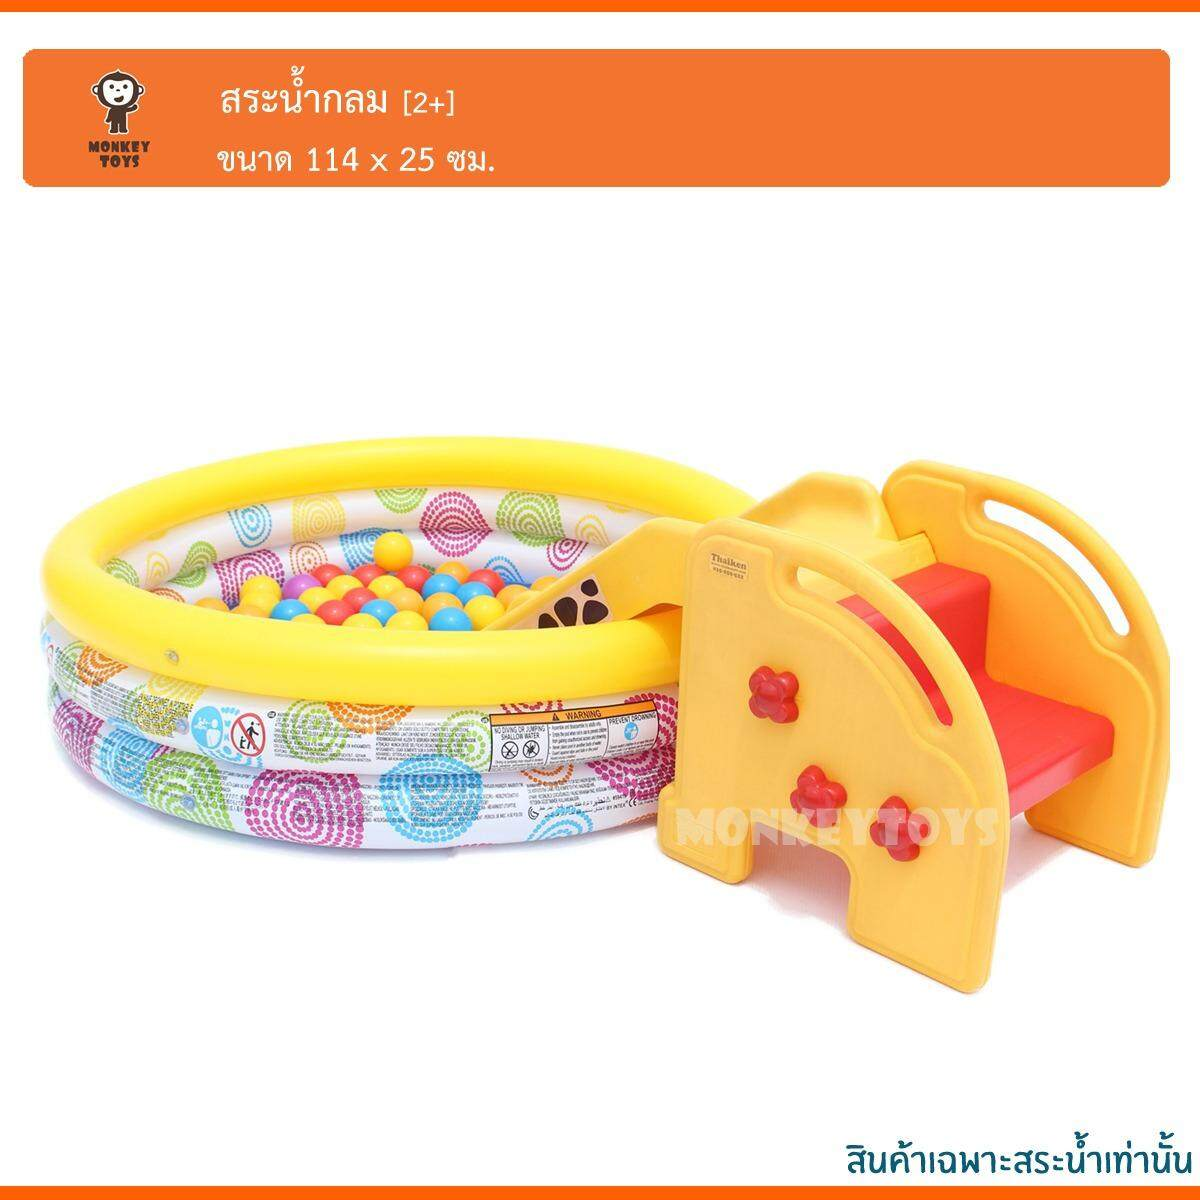 สระว่ายน้ำเด็กและของเล่นในน้ำ13741 ค้นพบสินค้าใน สระว่ายน้ำเด็กและของเล่นในน้ำเรียงตาม:ความเป็นที่นิยมจำนวนคนดู: